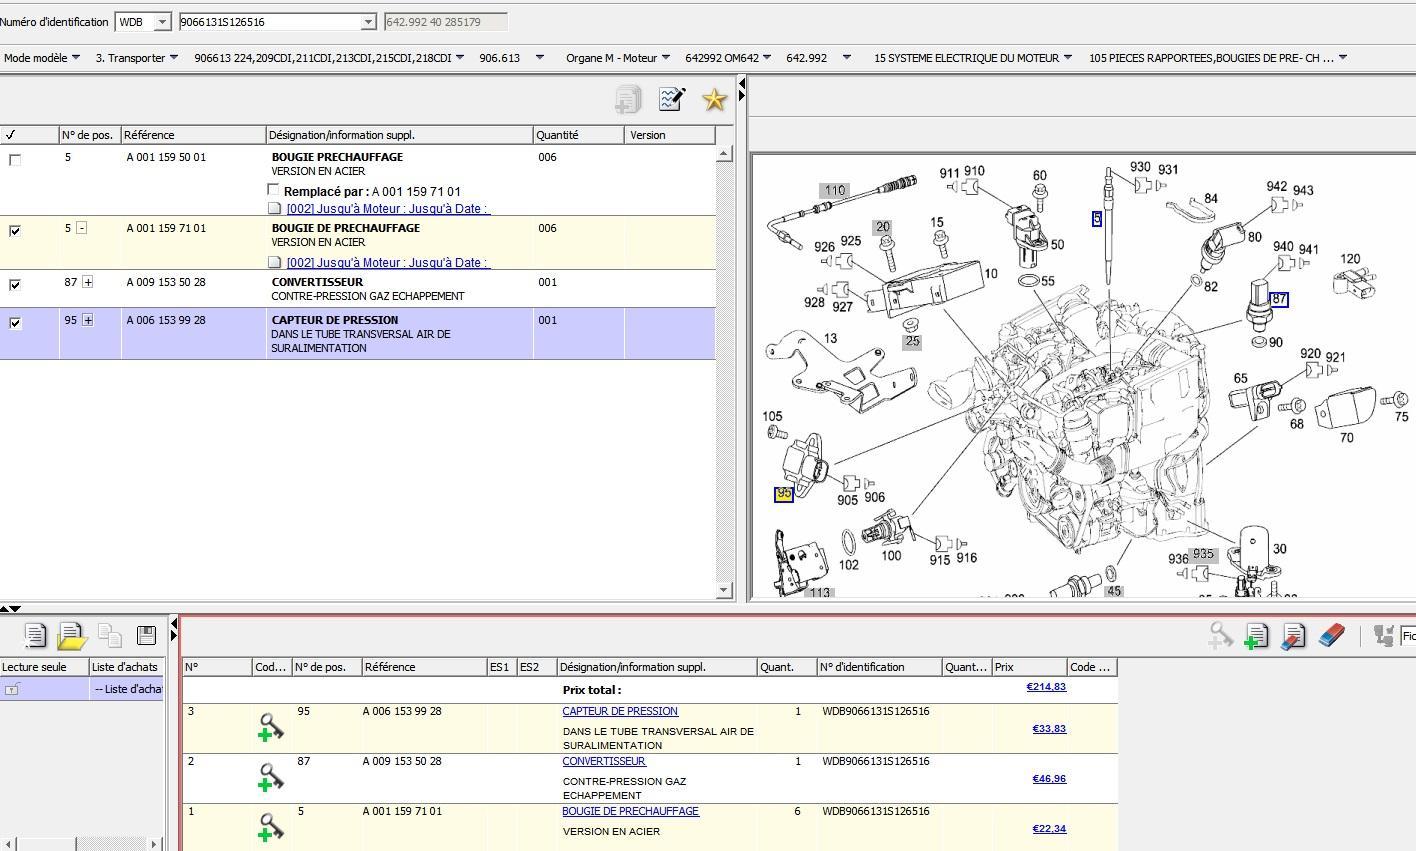 Capteur-de-pression-WDB9066131S126516.jpeg